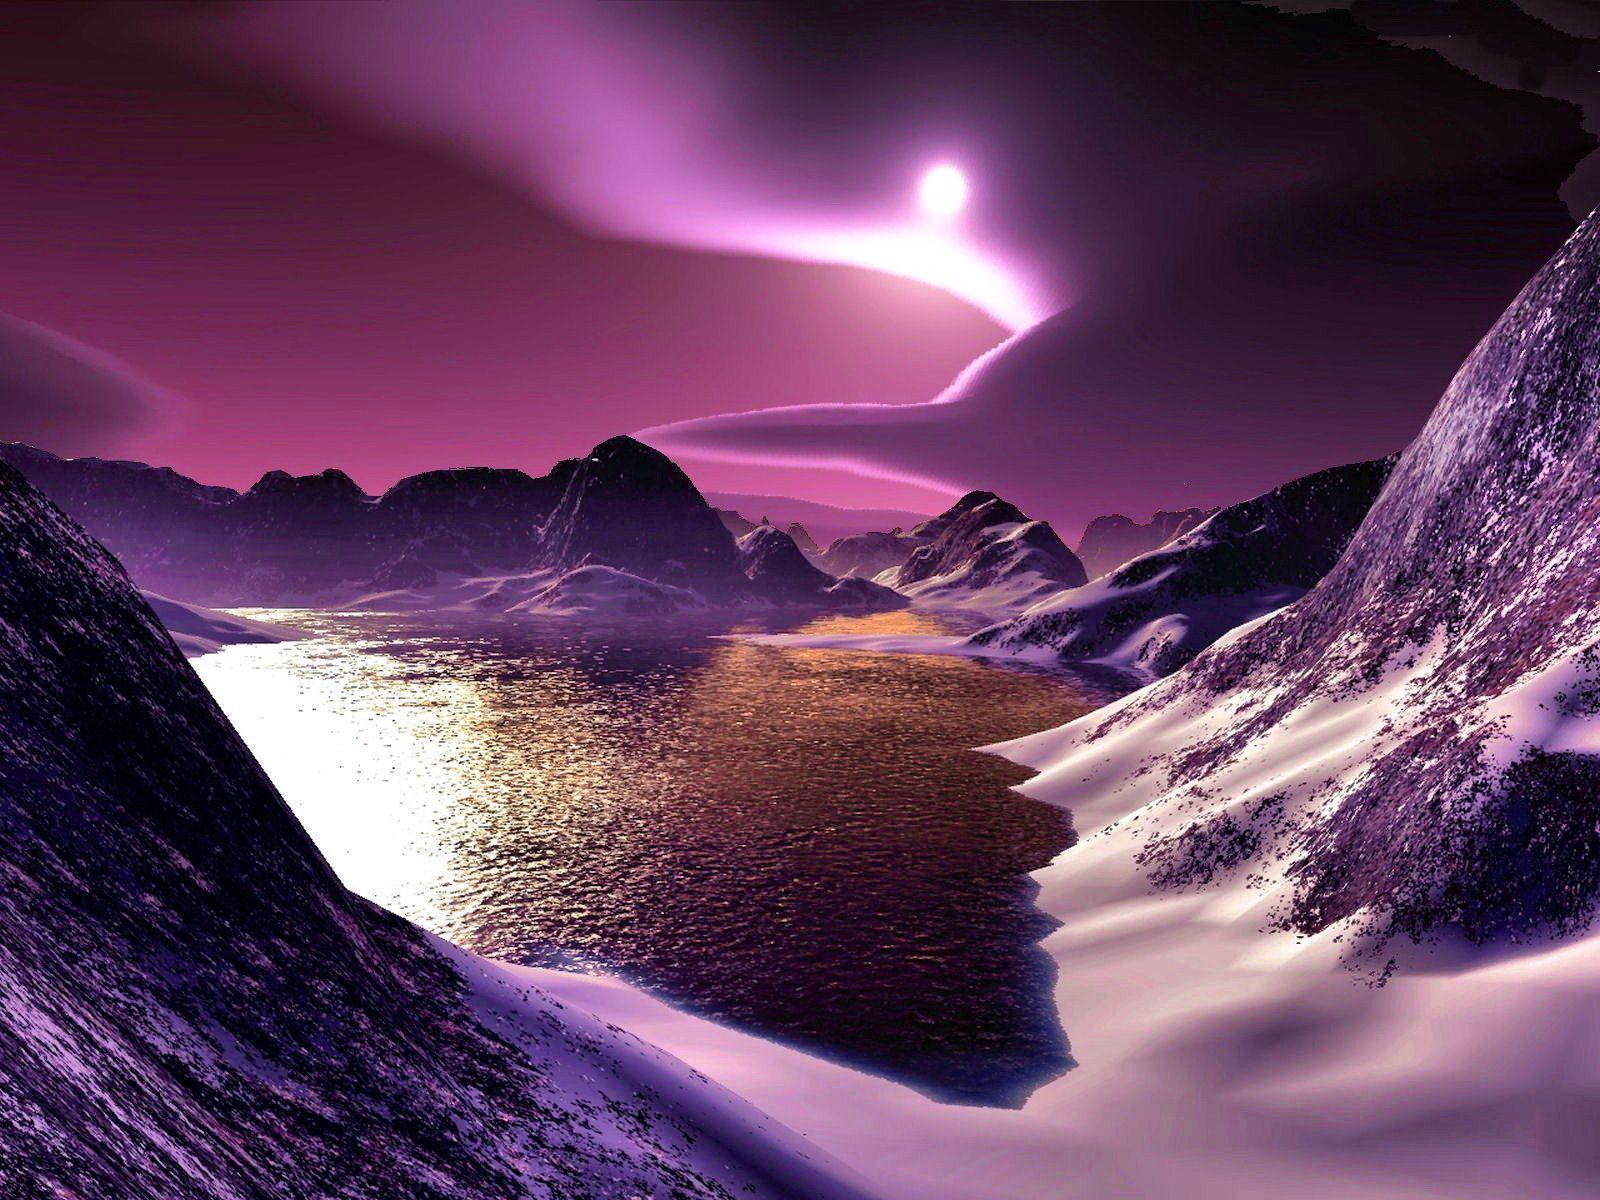 88398 Hintergrundbild herunterladen Licht, Mond, Natur, Mountains, Übernachtung, Clouds, See, Scheinen, Grafik, Graphics, Fuß - Bildschirmschoner und Bilder kostenlos